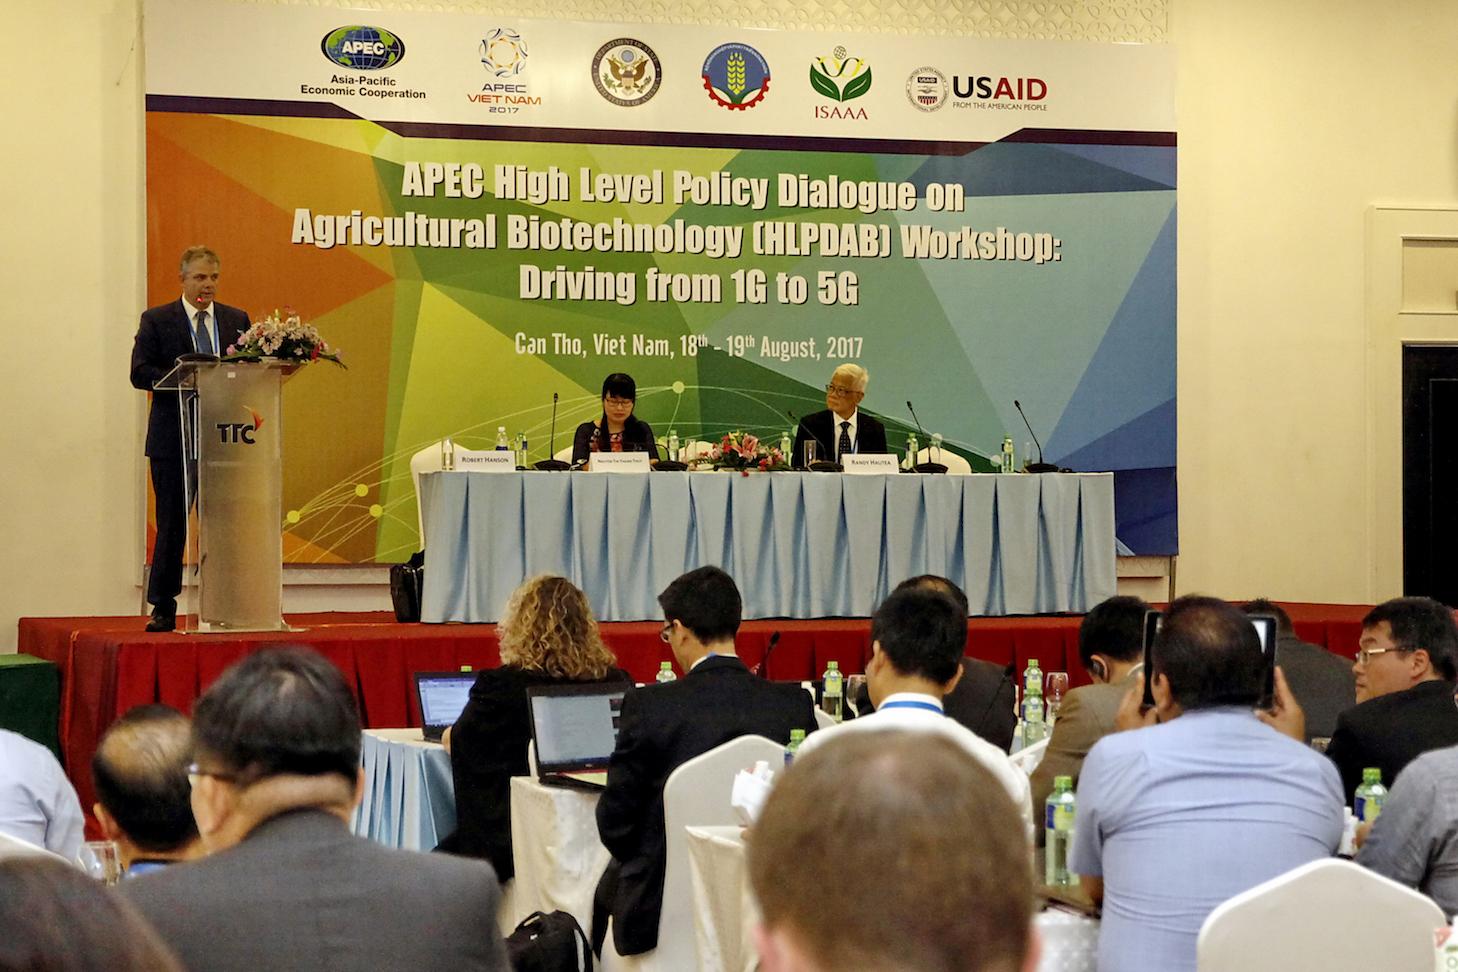 APEC 2017: Tiếp tục tìm kiếm các giải pháp đảm bảo an ninh lương thực bền vững